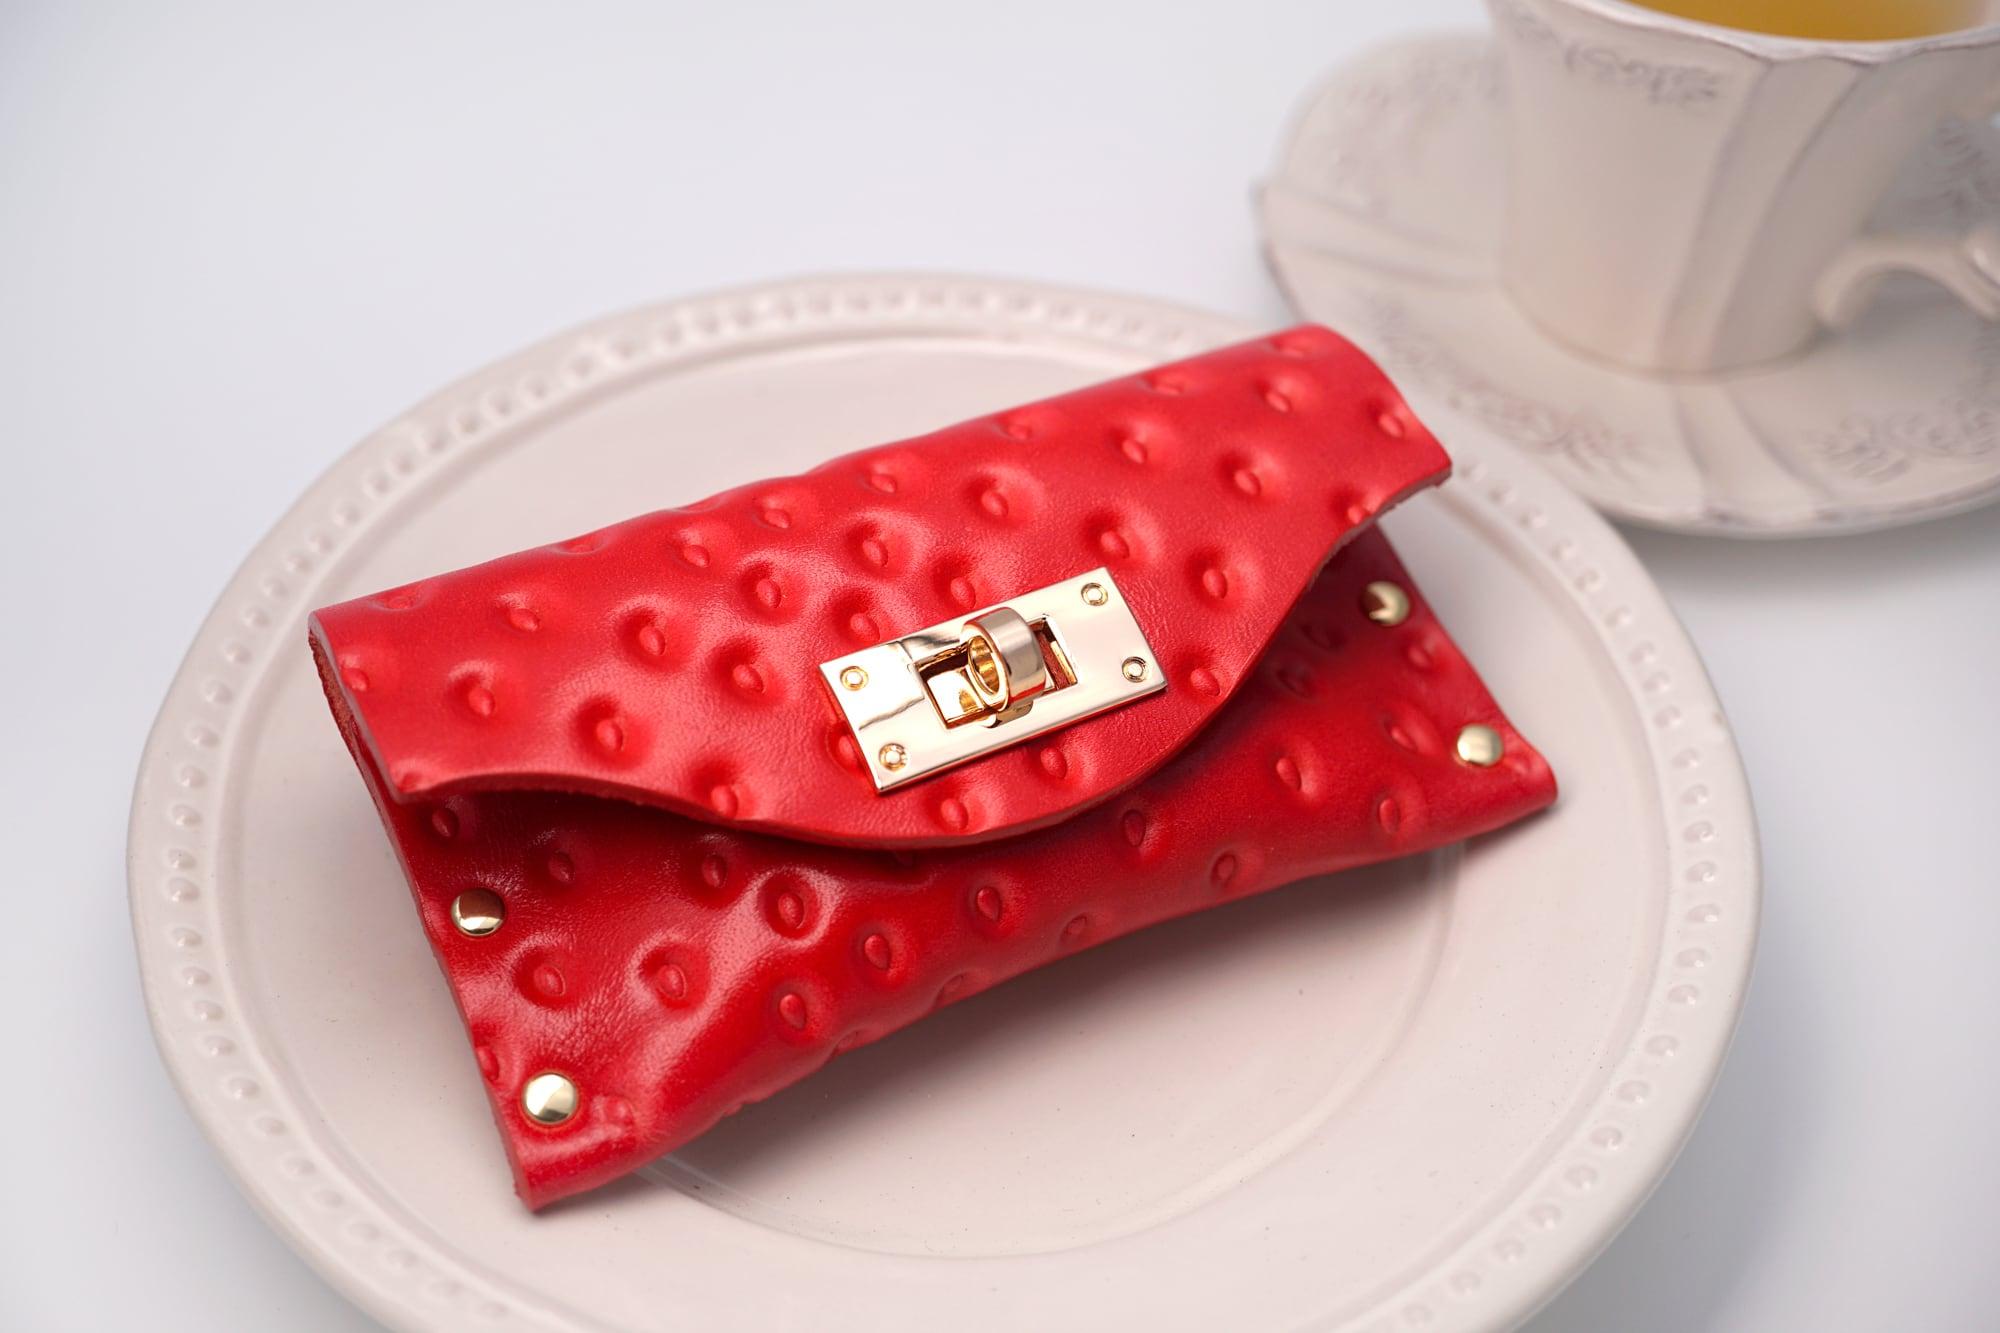 いちごなT式カードケース(名刺入れ)/牛革製